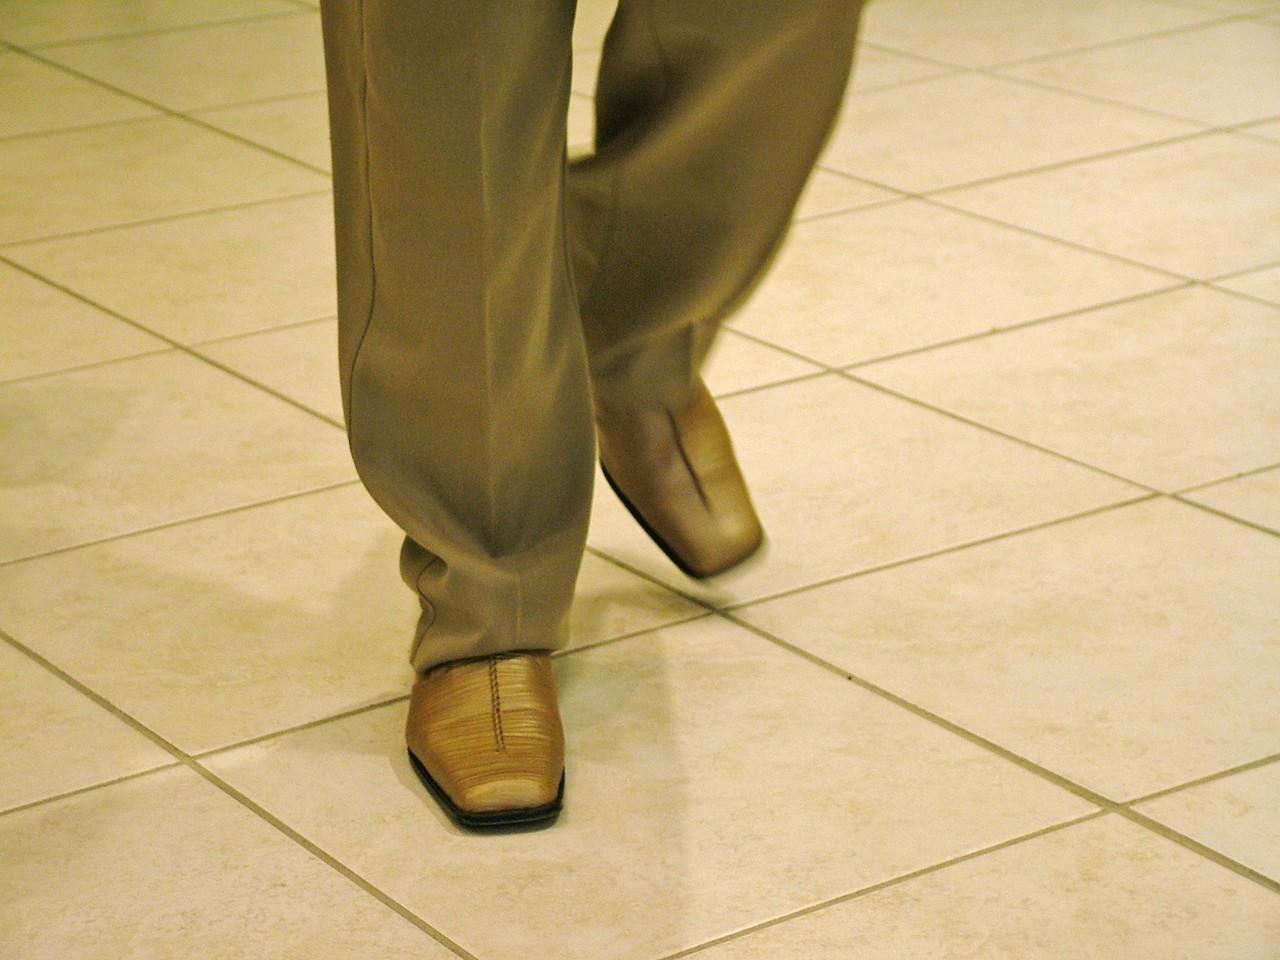 Jak kobieta ma się ubrać latem, żeby nie złamać zasad dress code?